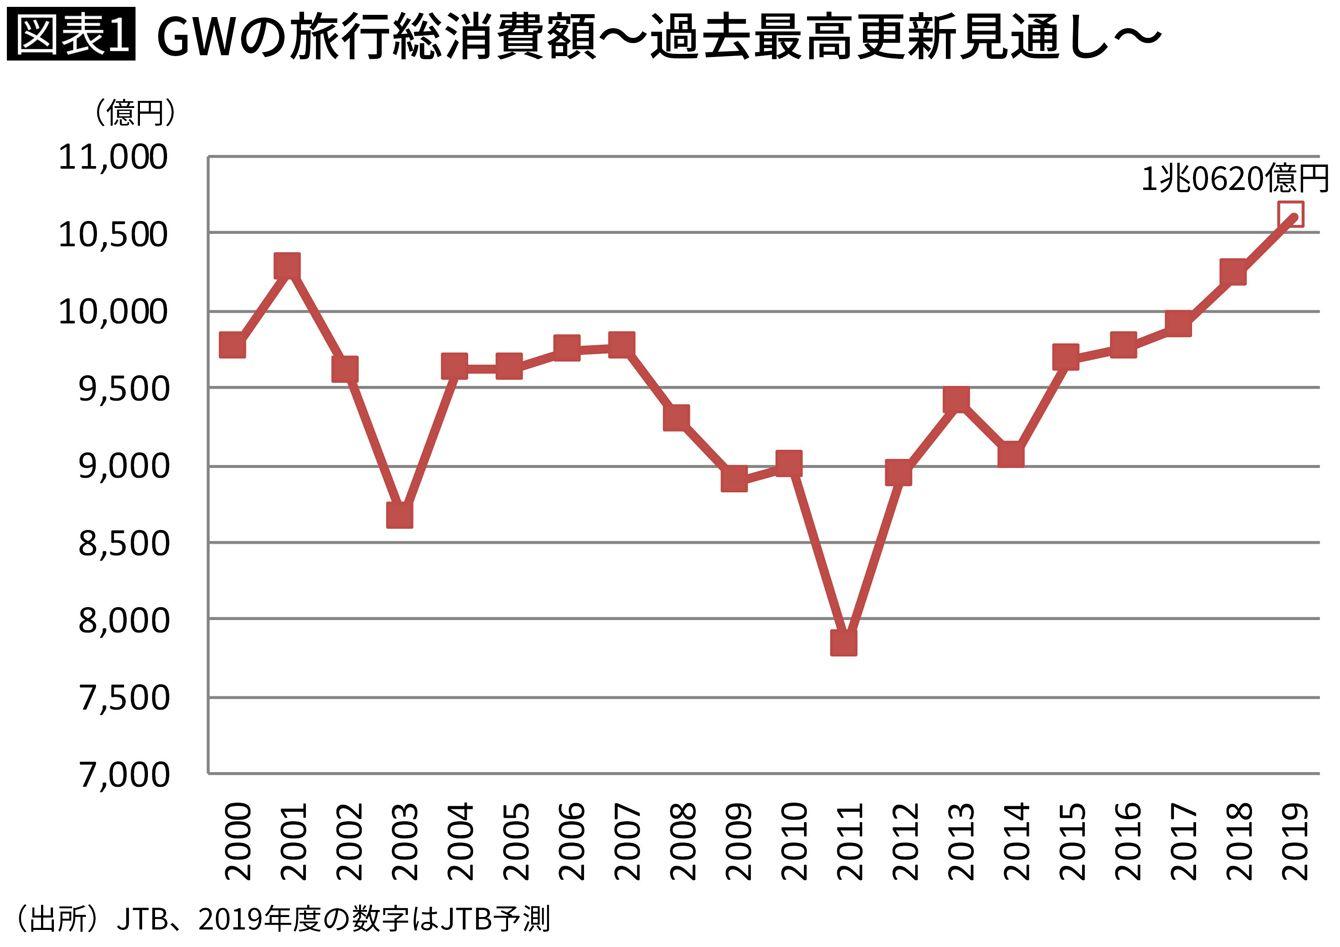 GWの旅行総消費額~過去最高更新見通し~